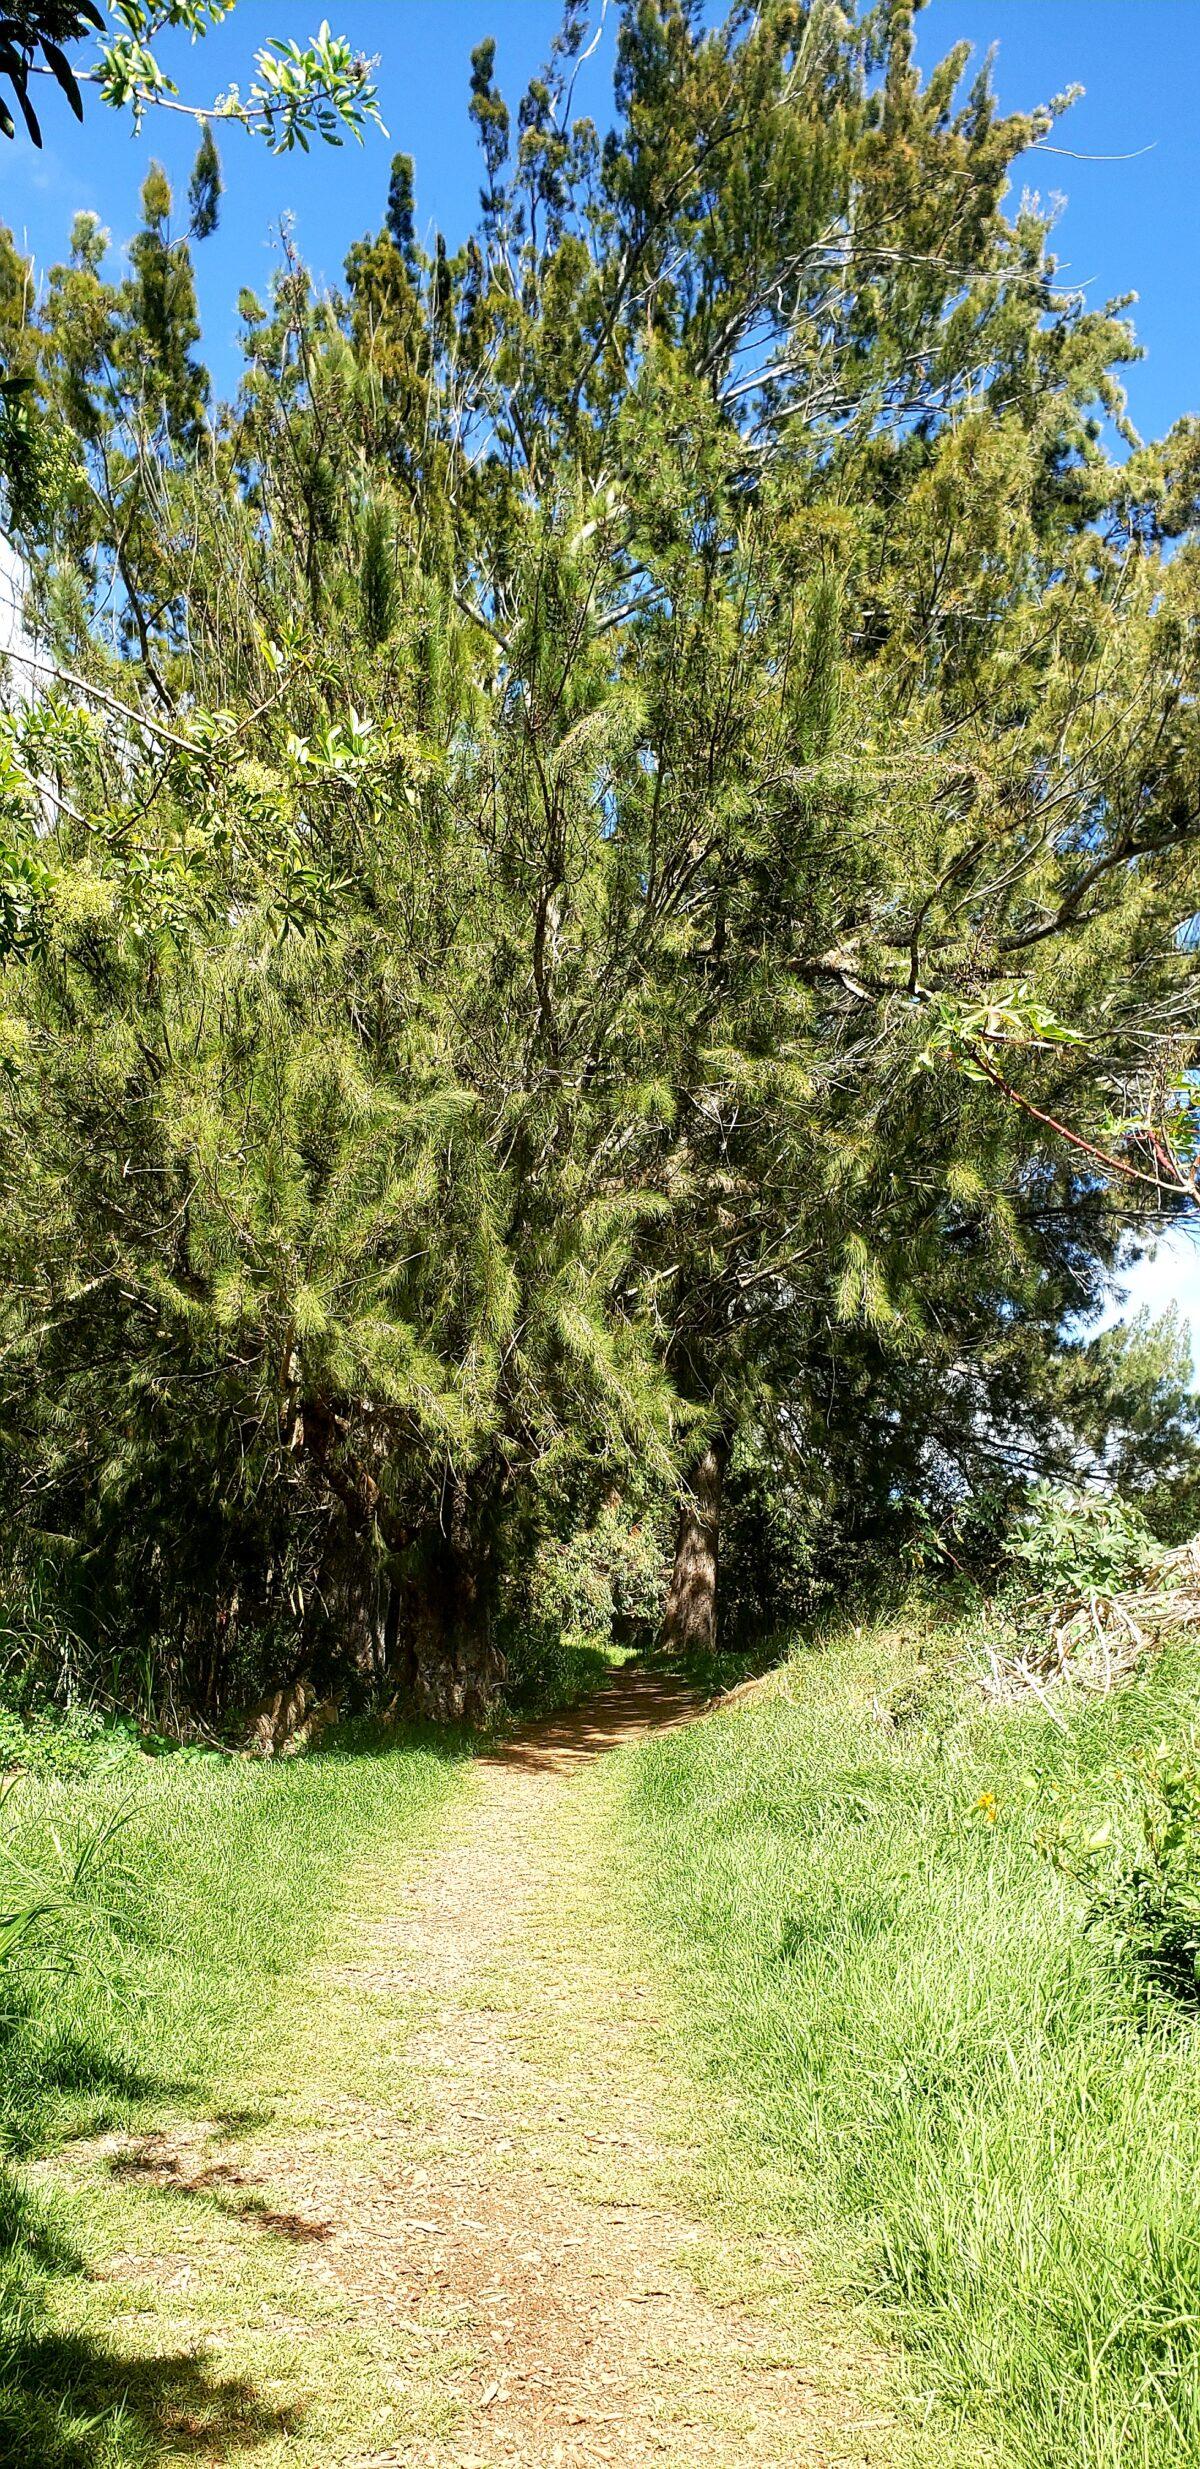 The #BW4H Series, Part 4:  Connecting Waimea to Culture & Nature Through Ke Ala Kahawai O Waimea